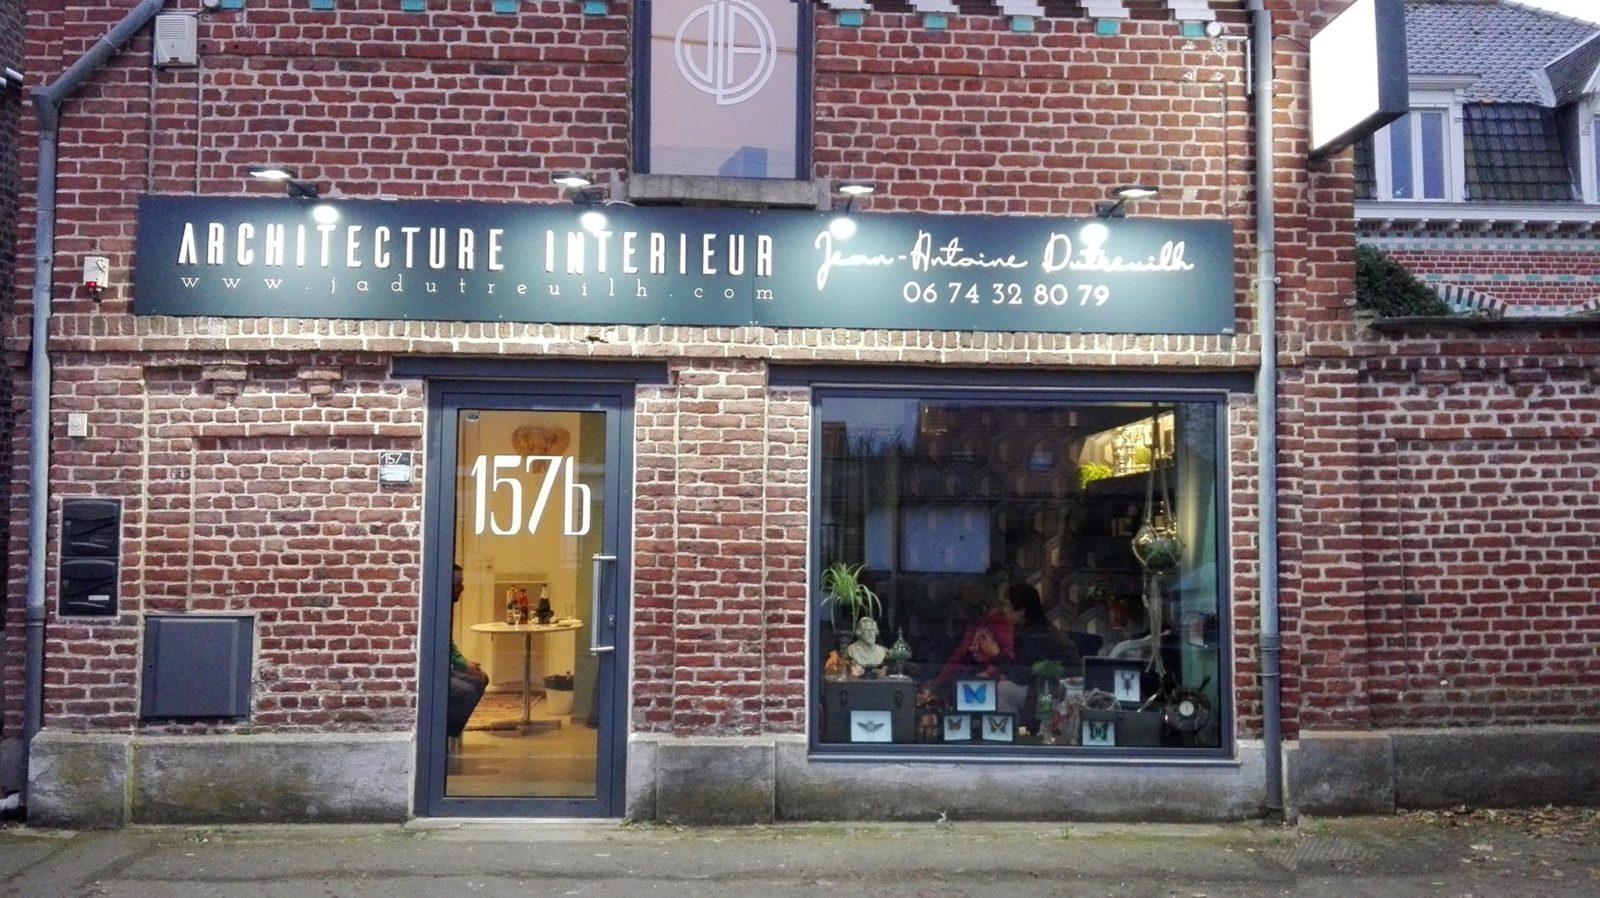 façade agence jadutreuilh